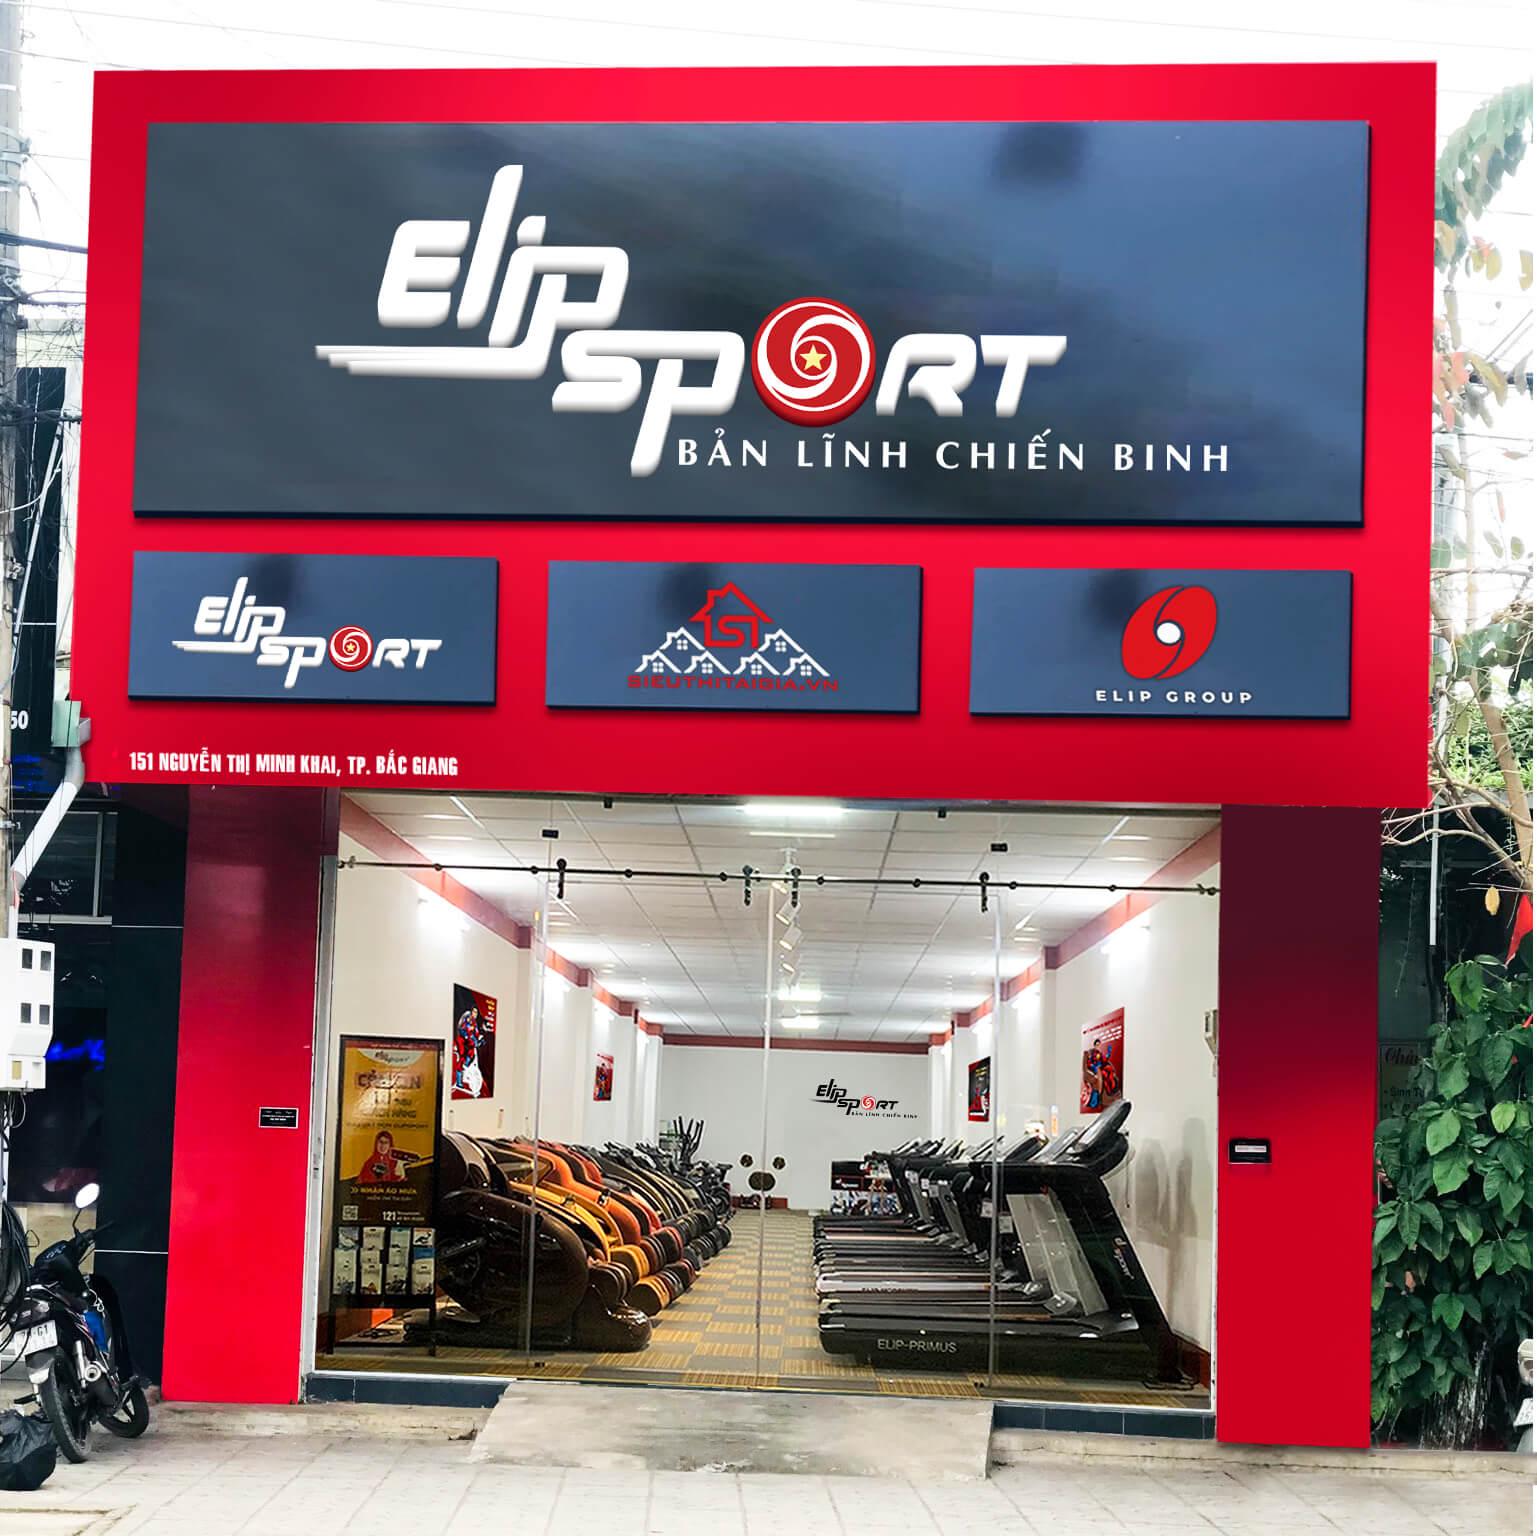 Hình ảnh của chi nhánh Elipsport Bắc Giang